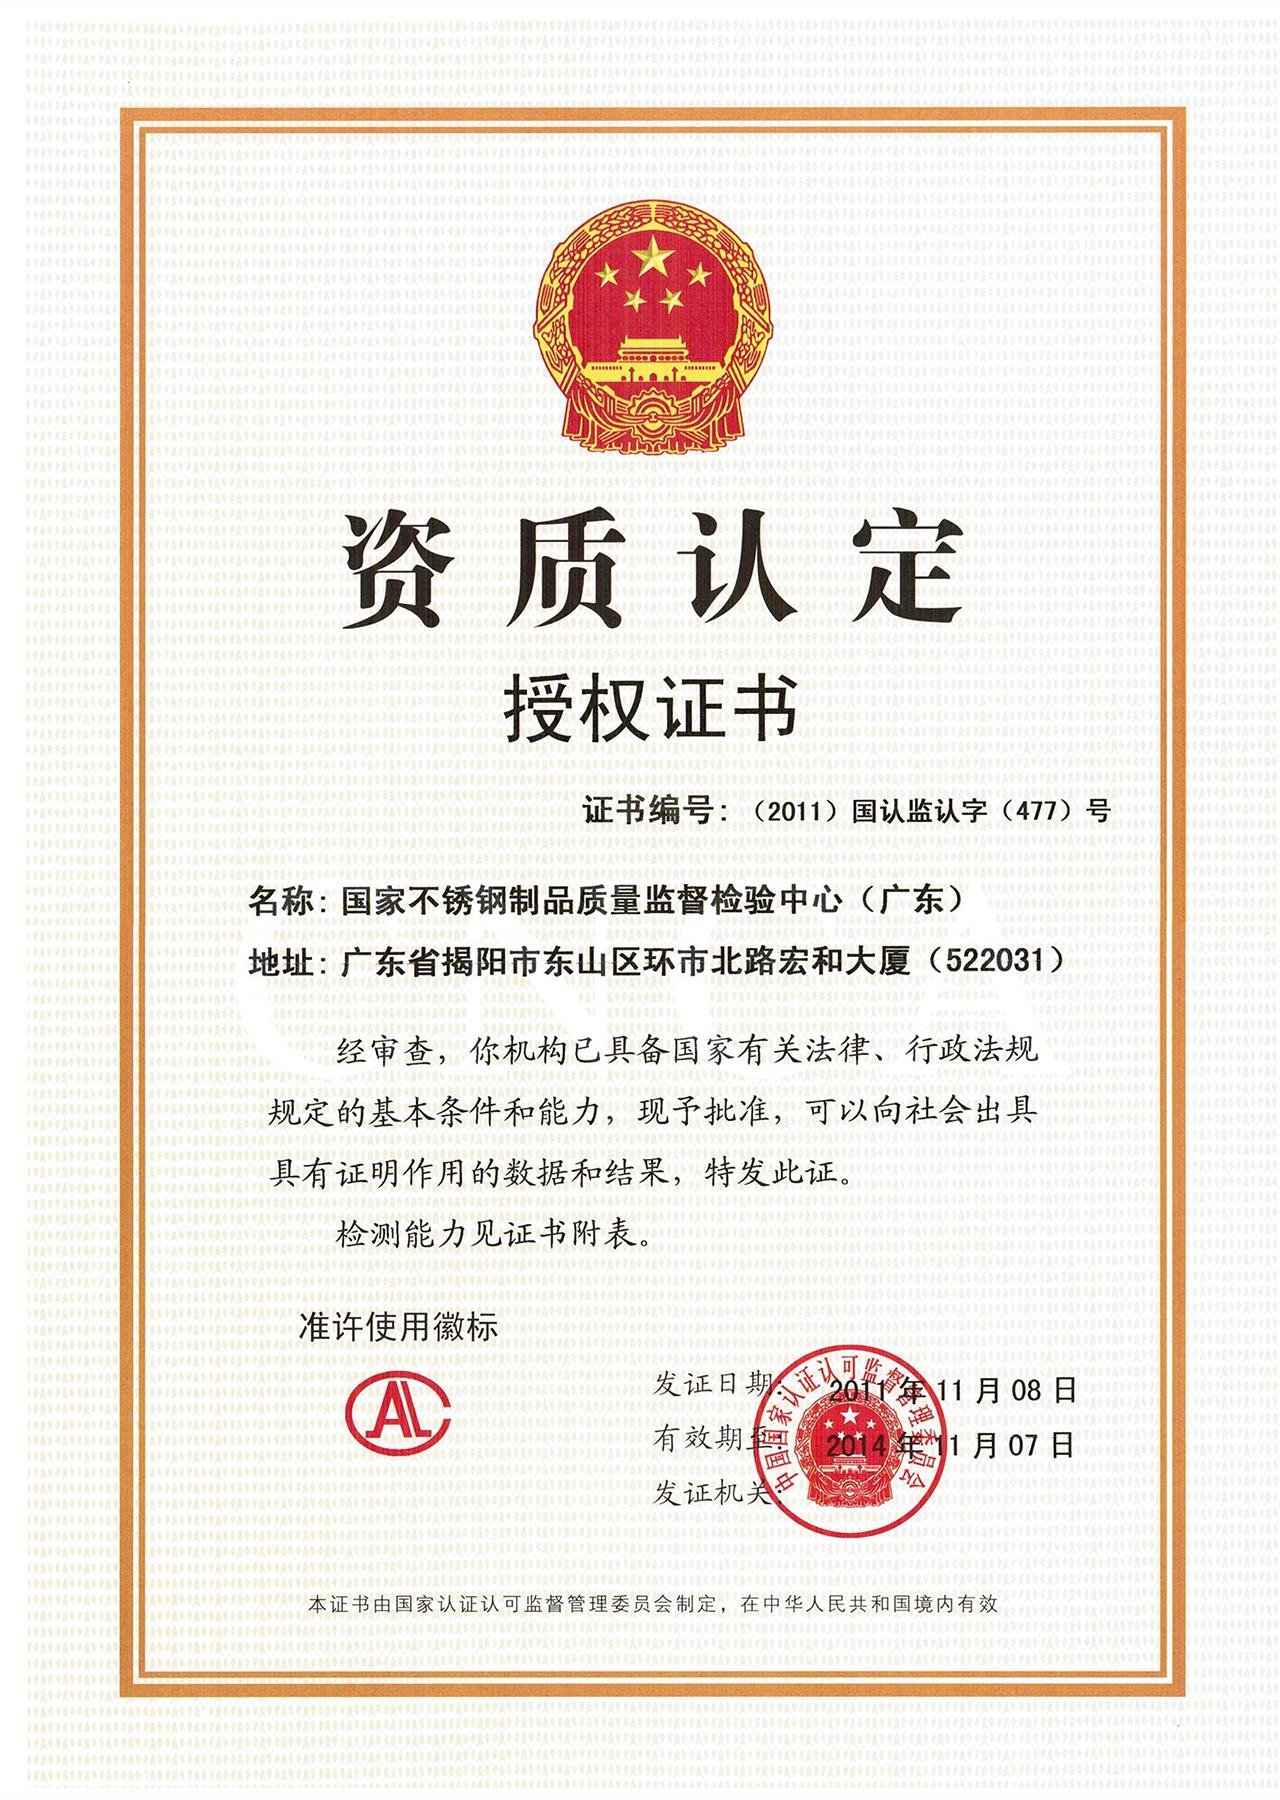 授权证书(不锈钢) 002.jpg